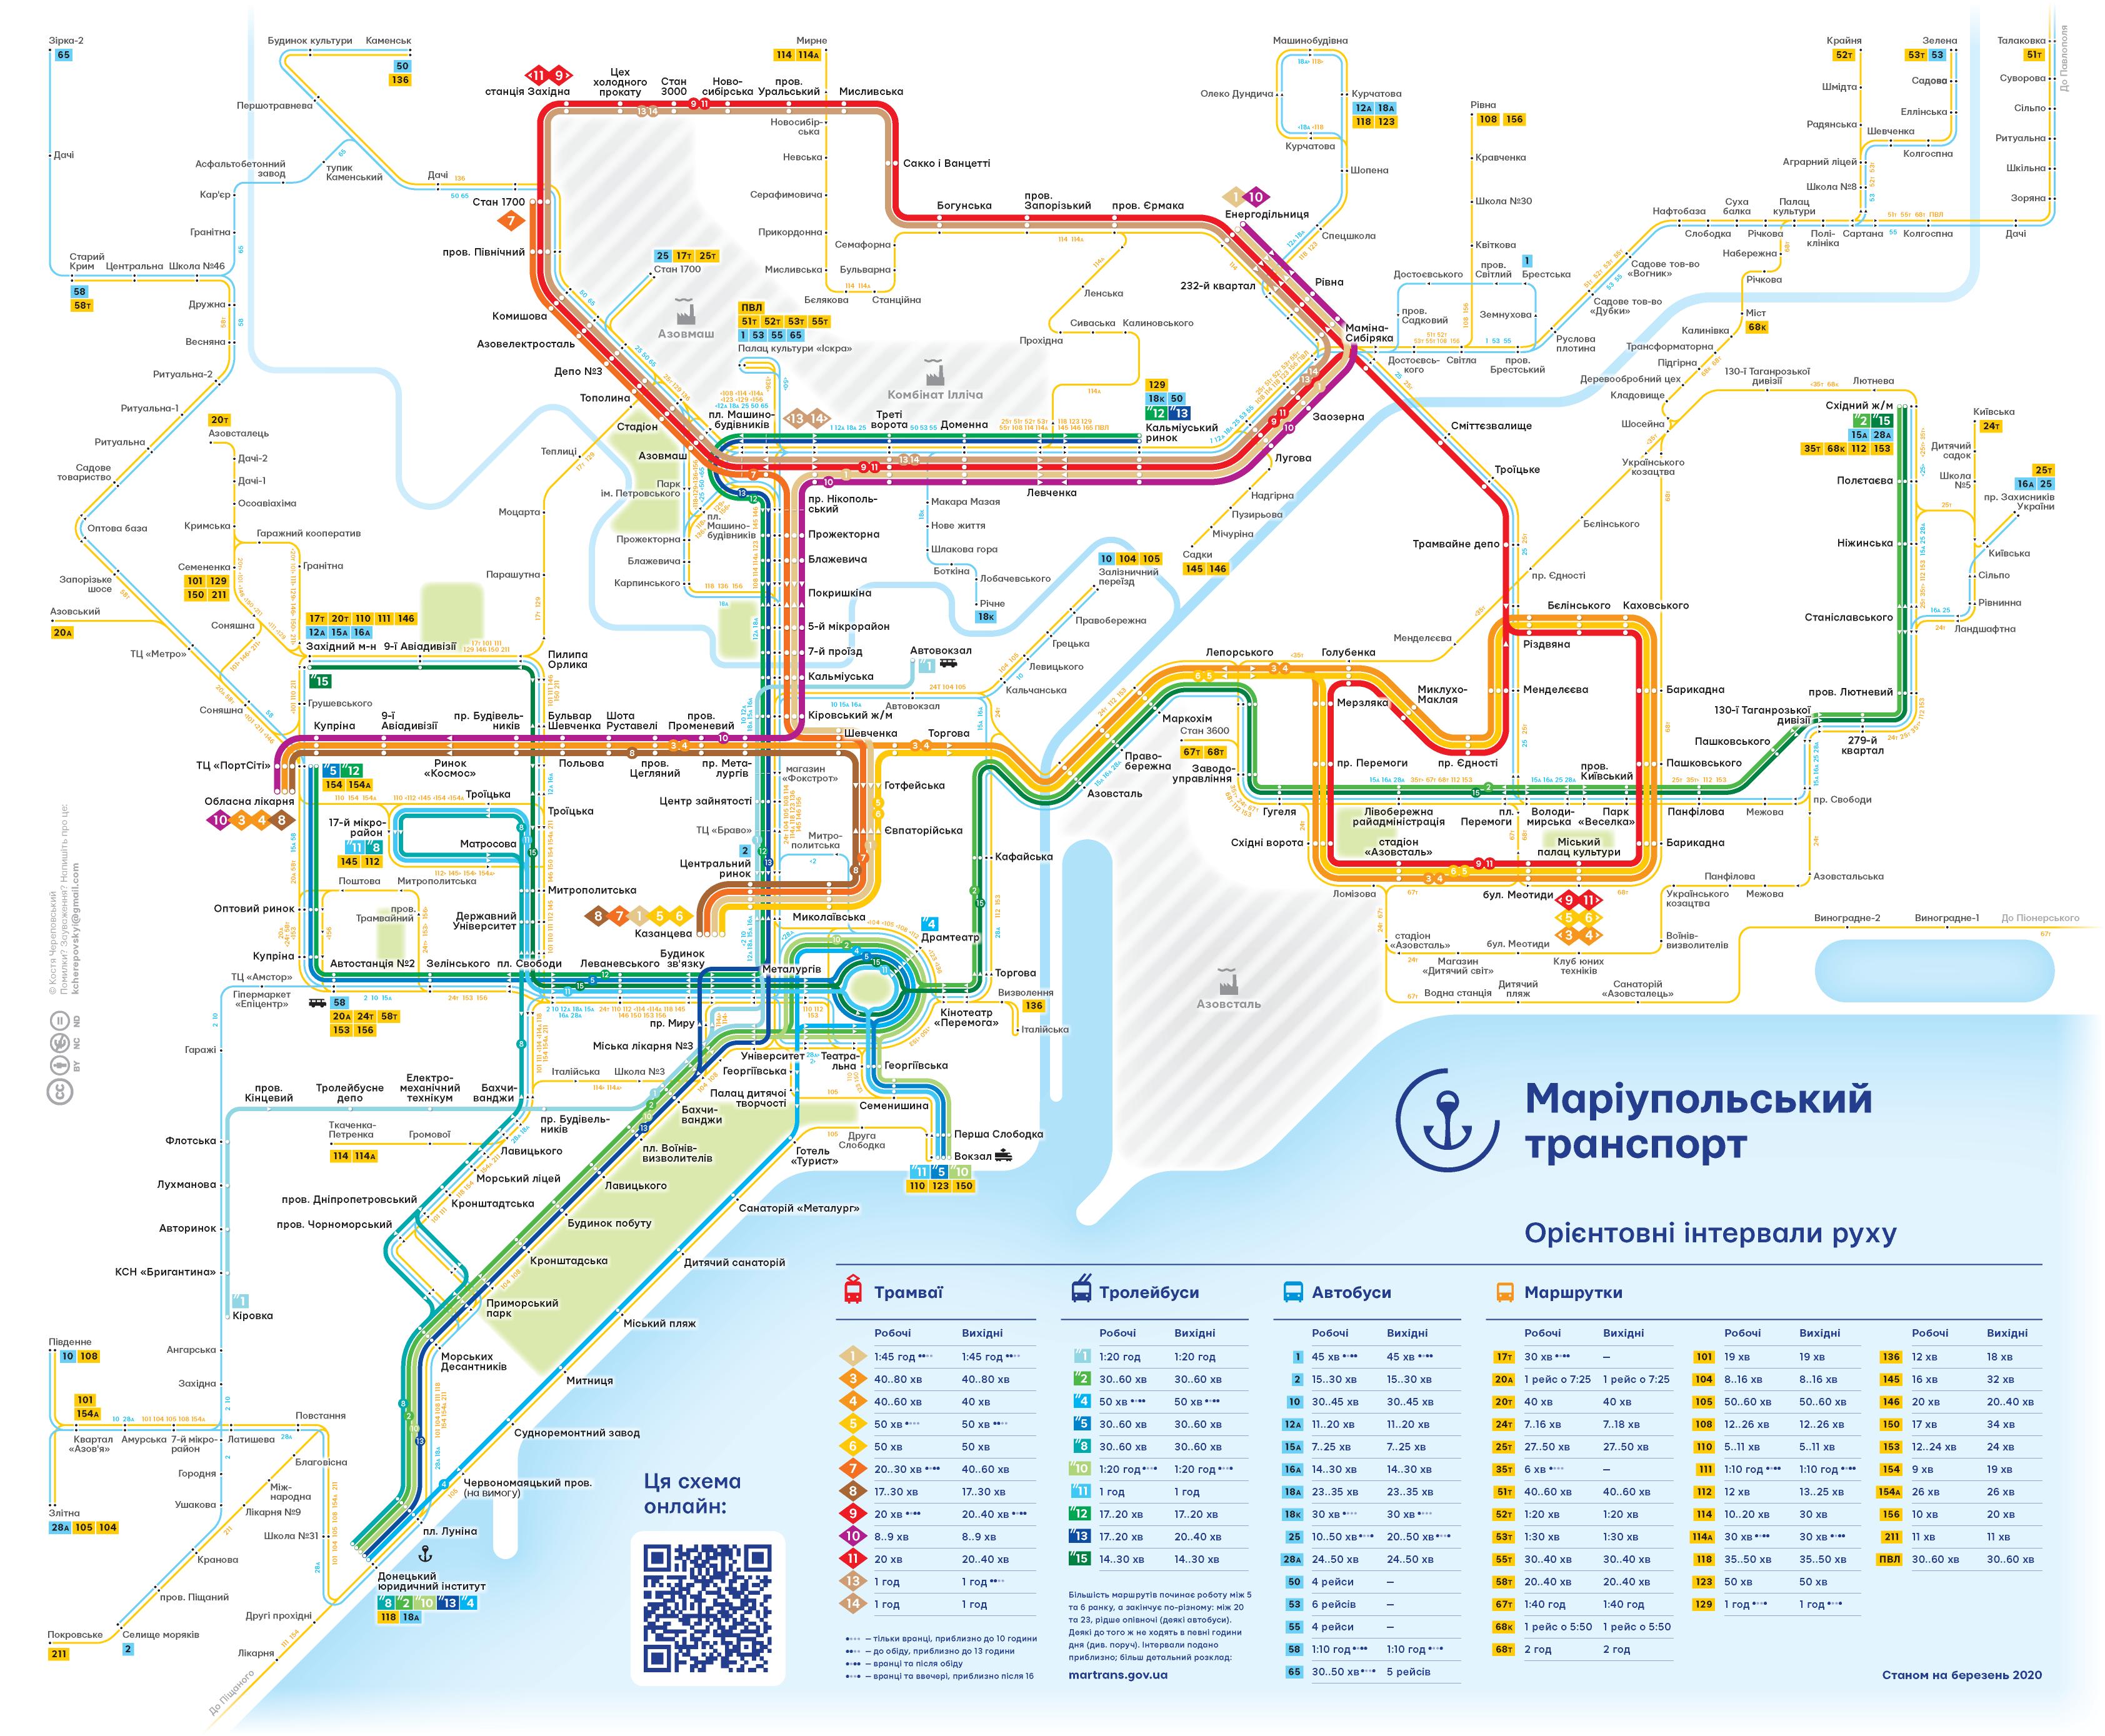 mariupol_transit_map.png